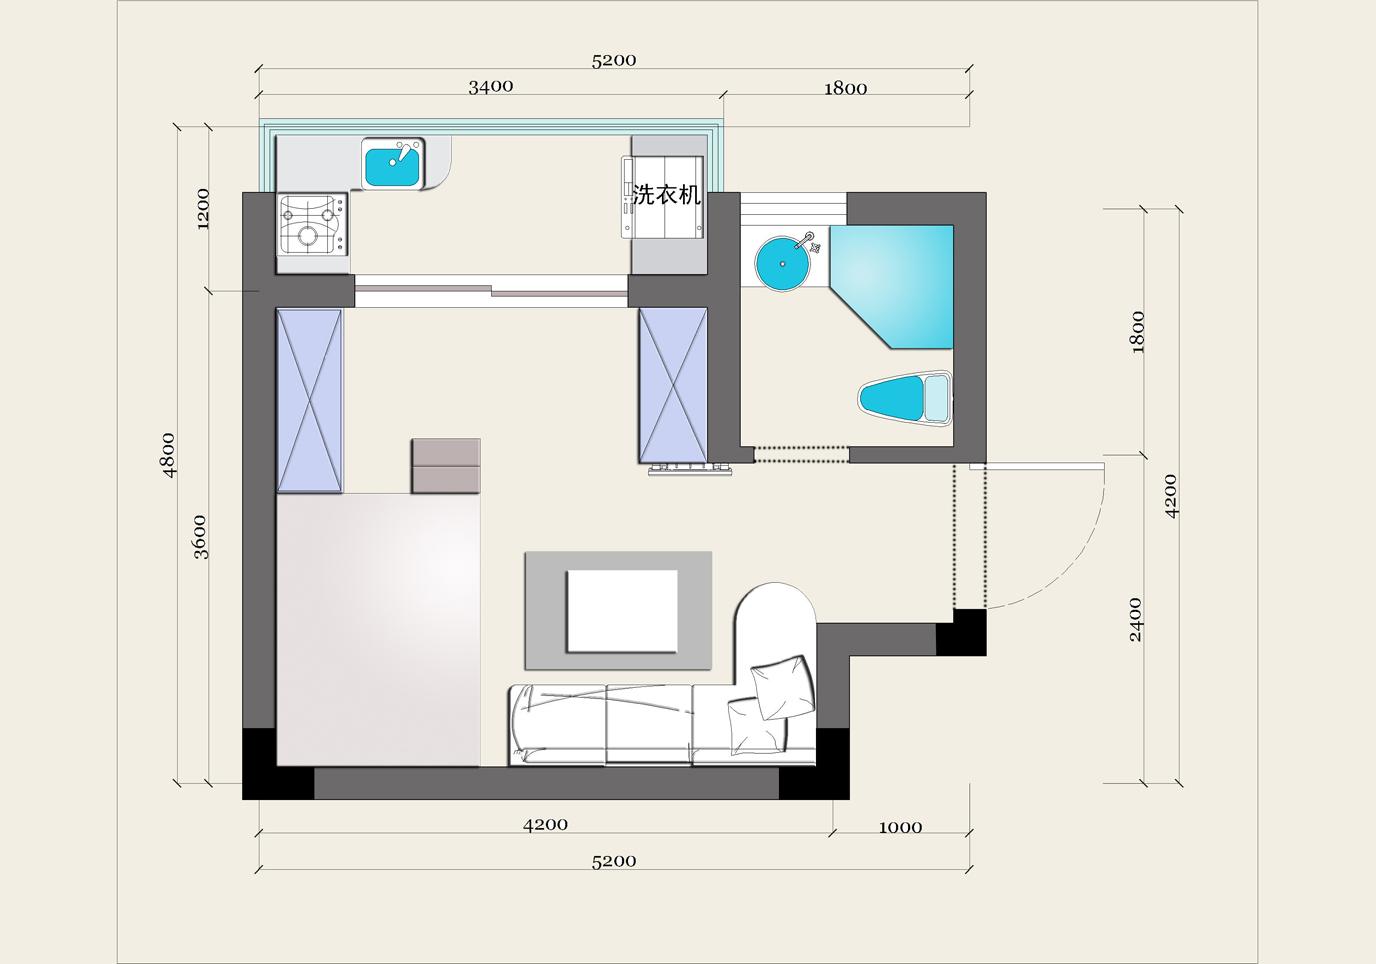 昶卓设计提供的平面设计图: (点击查看大图) 2回顶部 part 1:客厅设